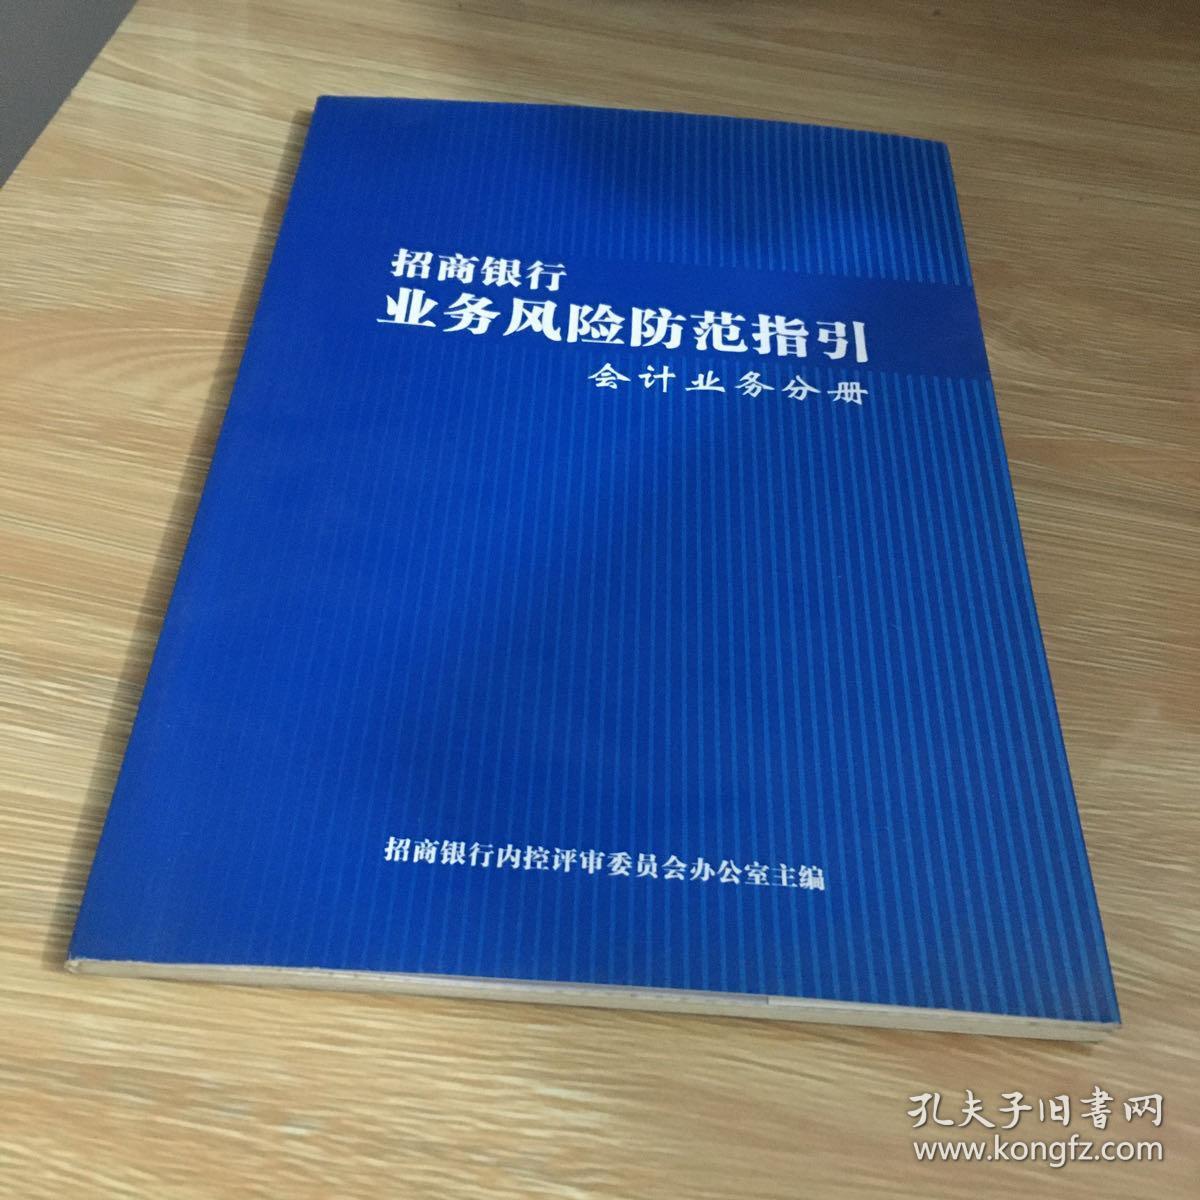 招商银行 业务风险防范指引 会计业务分册